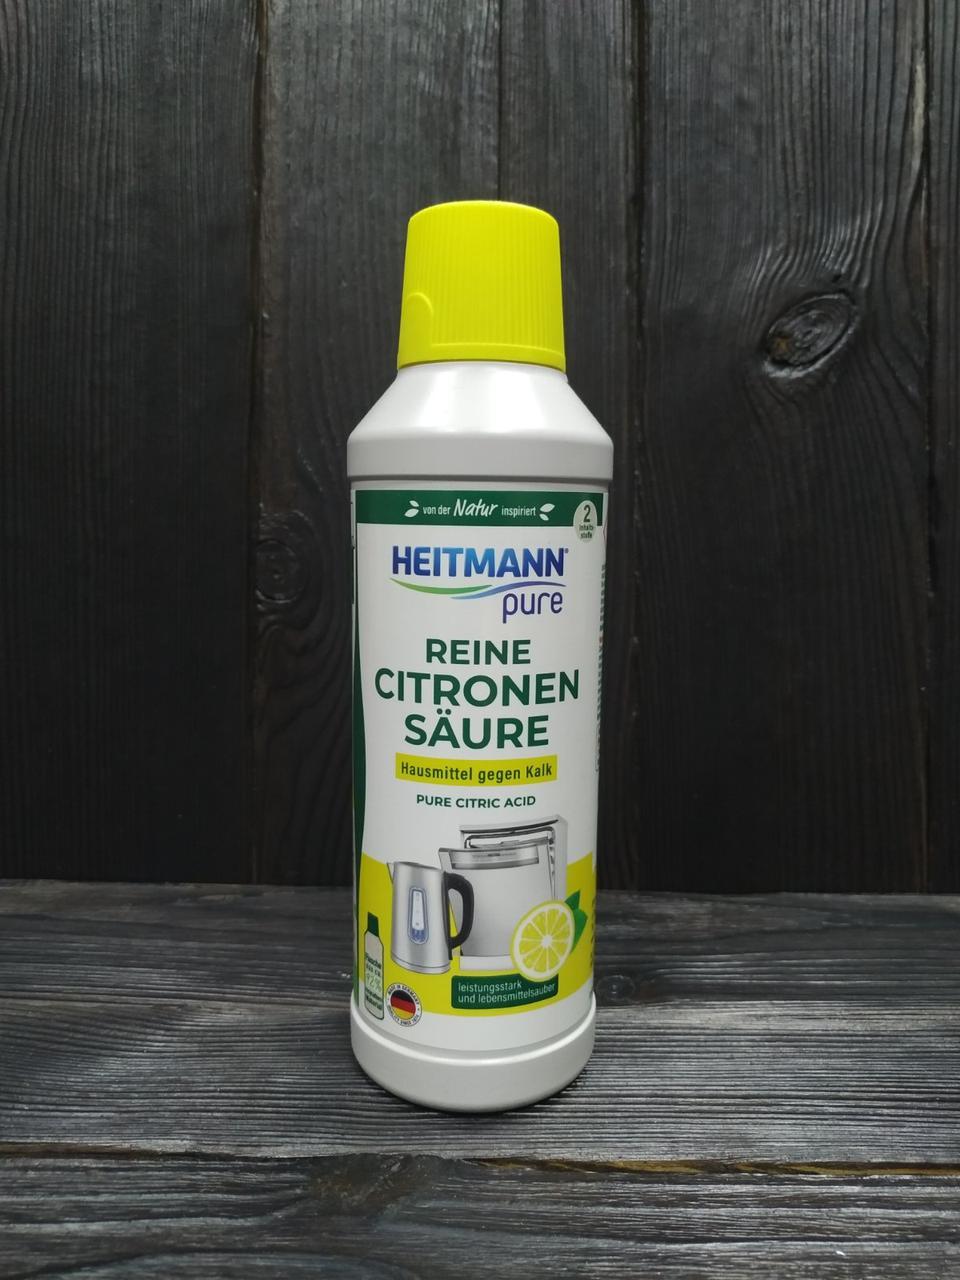 Heitmann Засіб для видалення вапняного нальоту з лимонною кислотою 500 мл